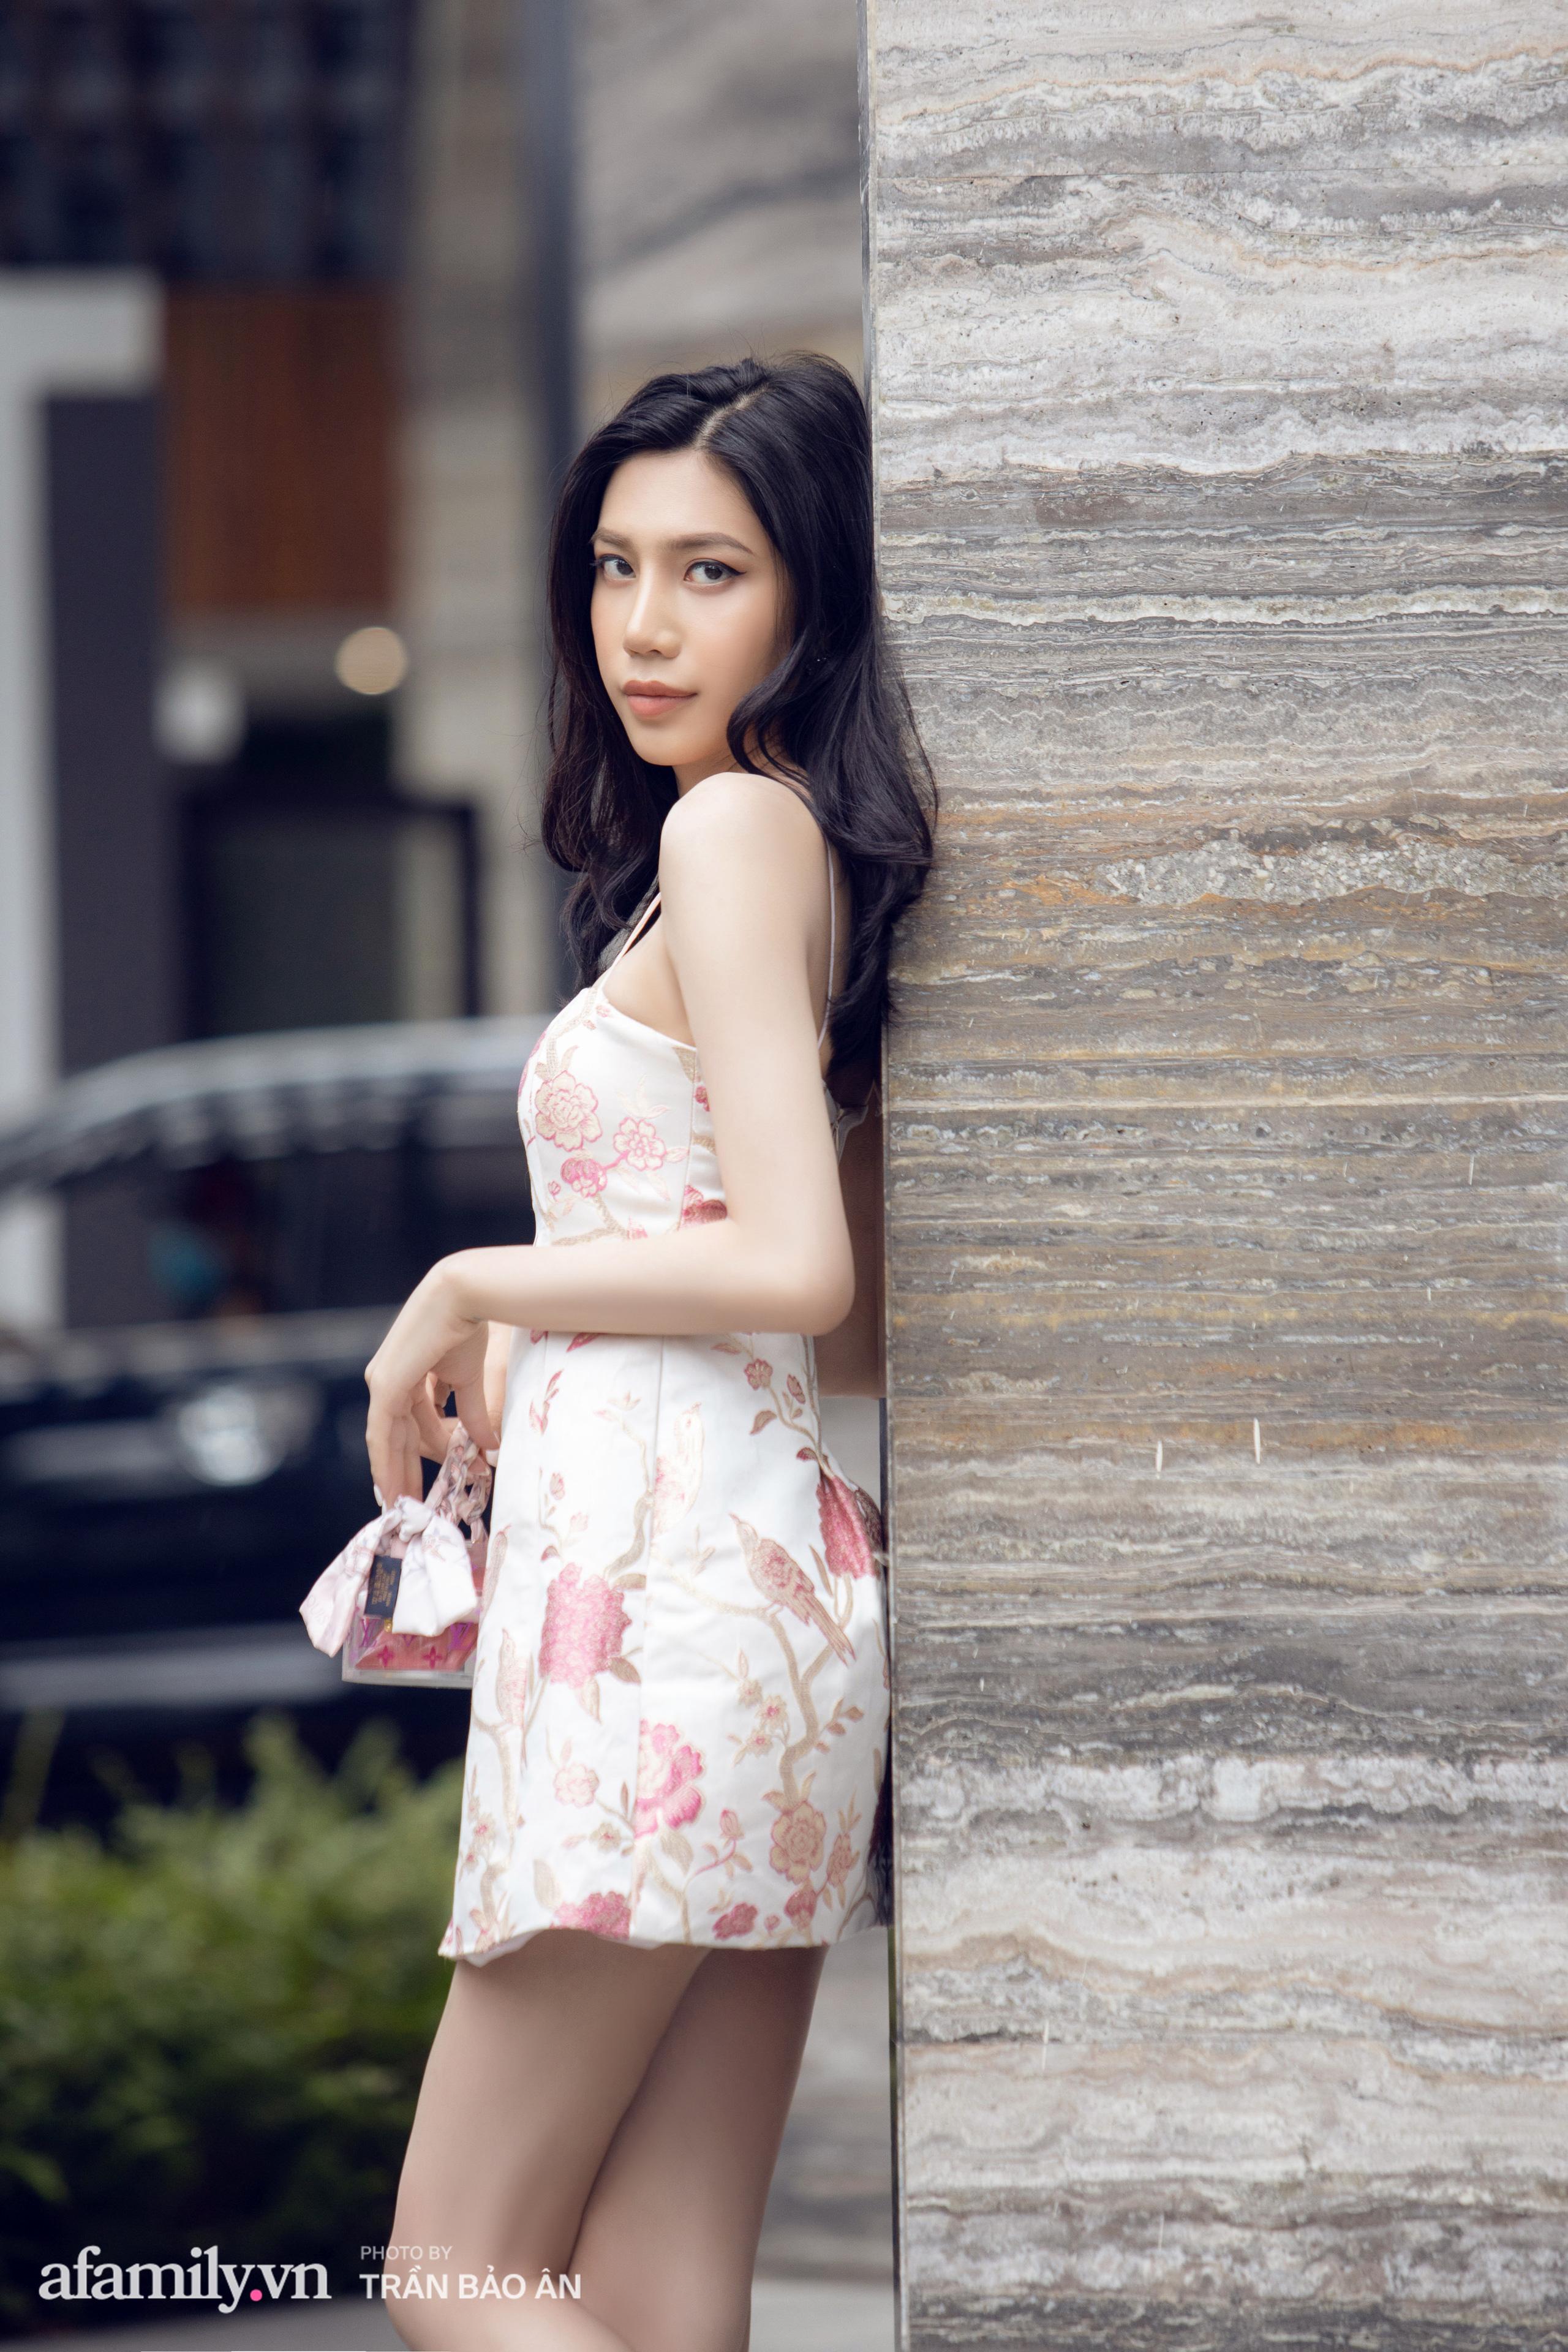 Ái nữ tập đoàn sở hữu chuỗi bánh mì BreadTalk Việt Nam kể hành trình chuyển giới được ba mẹ ủng hộ, hứa hẹn sự xuất hiện rạng ngời tại Hoa hậu chuyển giới trong tương lai - Ảnh 8.